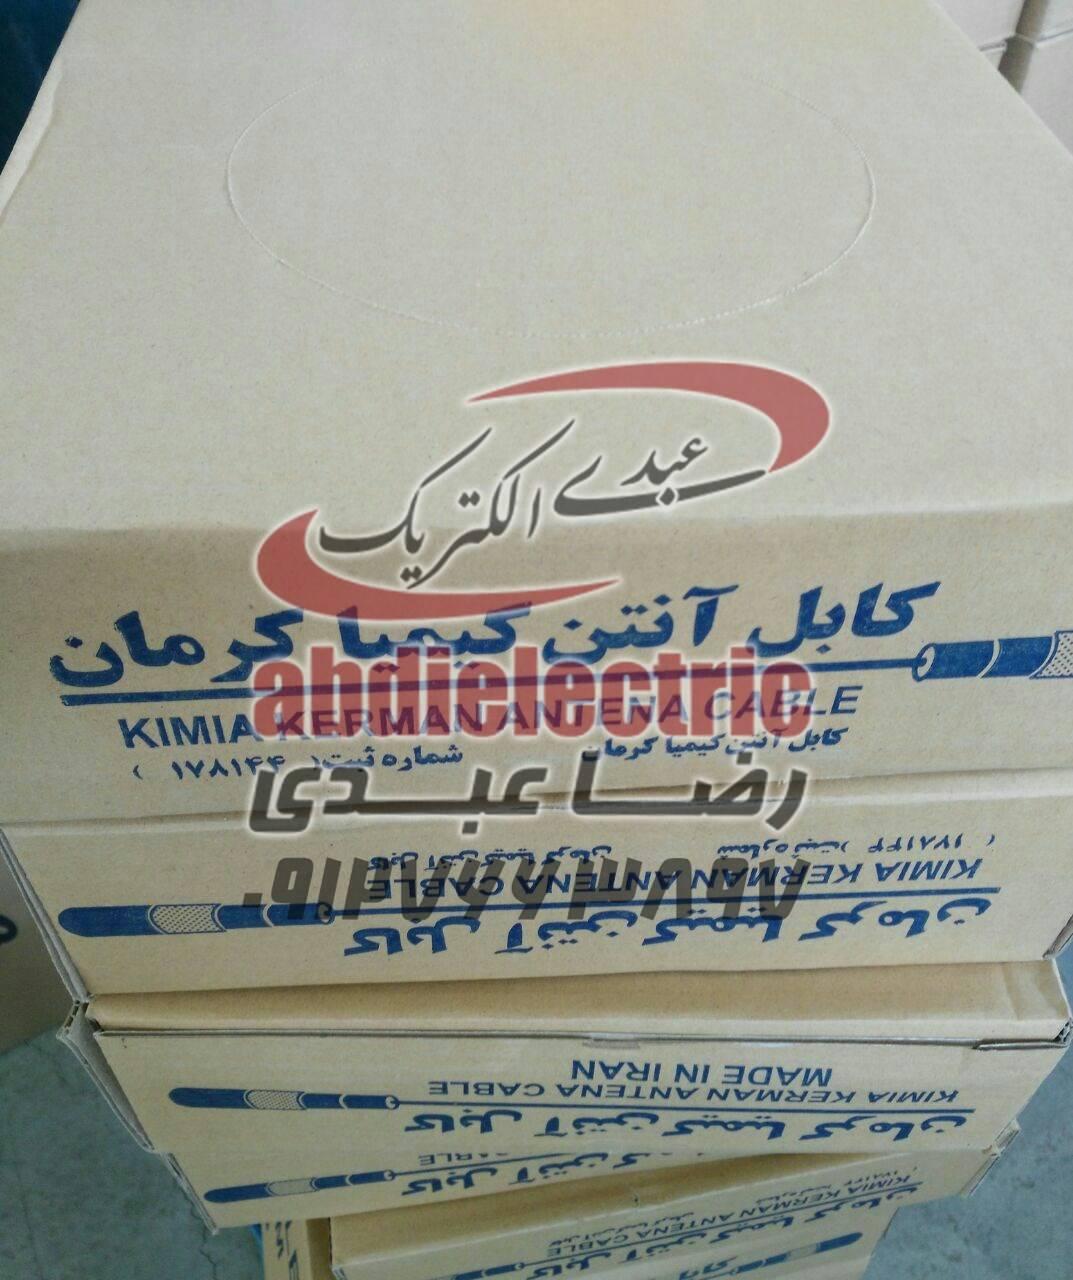 کابل آنتن برند کیمیا کرمان